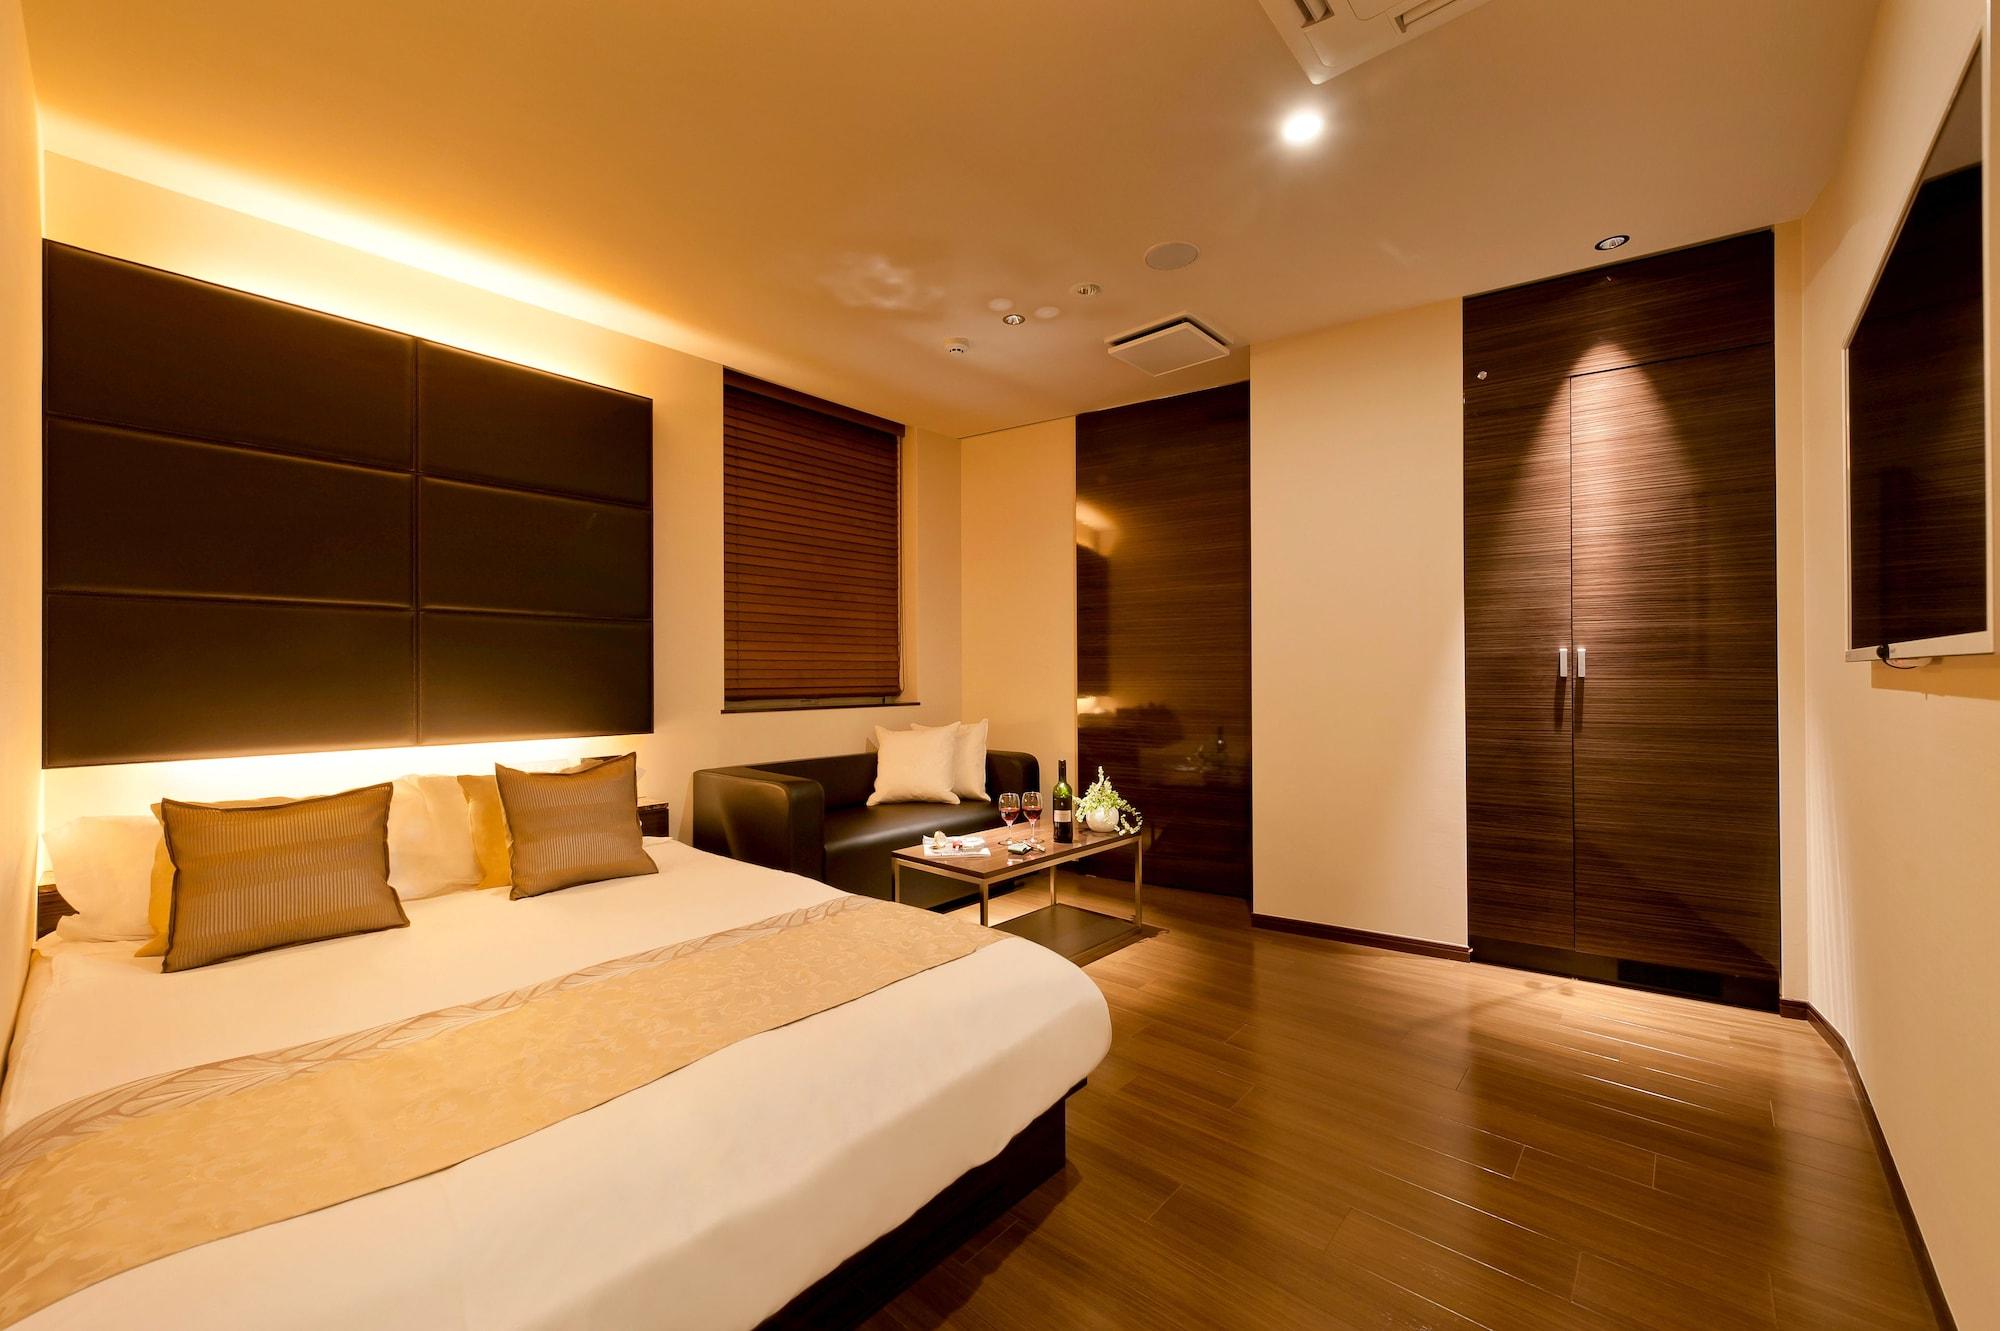 Hotel Bix - Adult only, Shinagawa